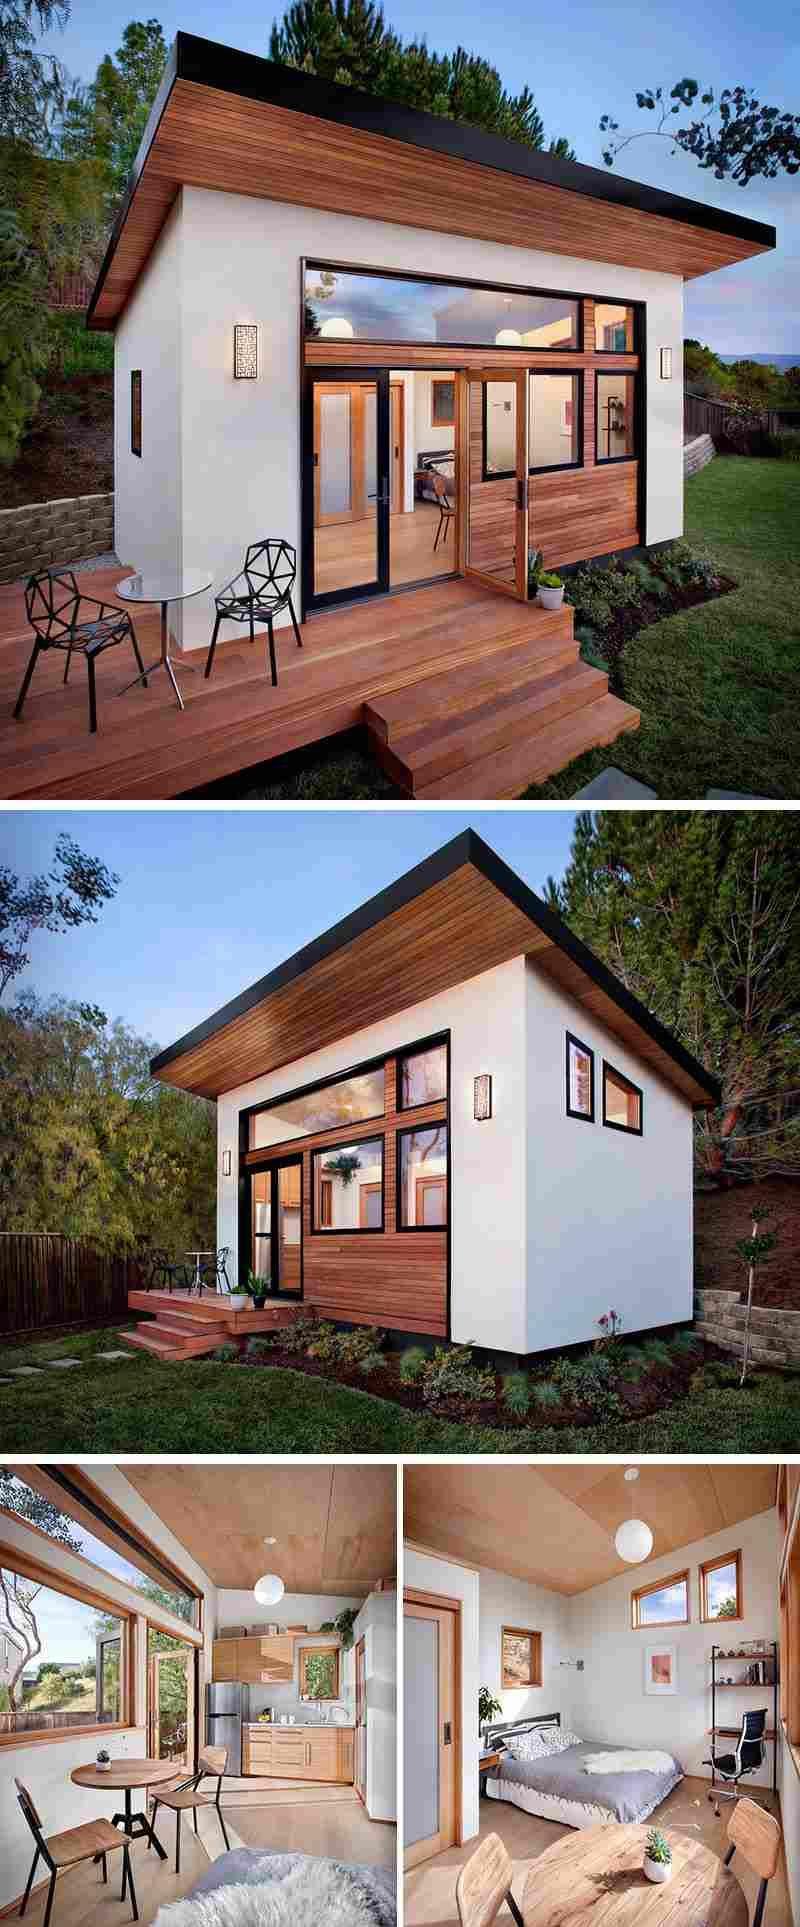 Maison de jardin habitable 14 abris am nag s en bureaux ou coins repos tiny jardin maison - Baraque de jardin ...